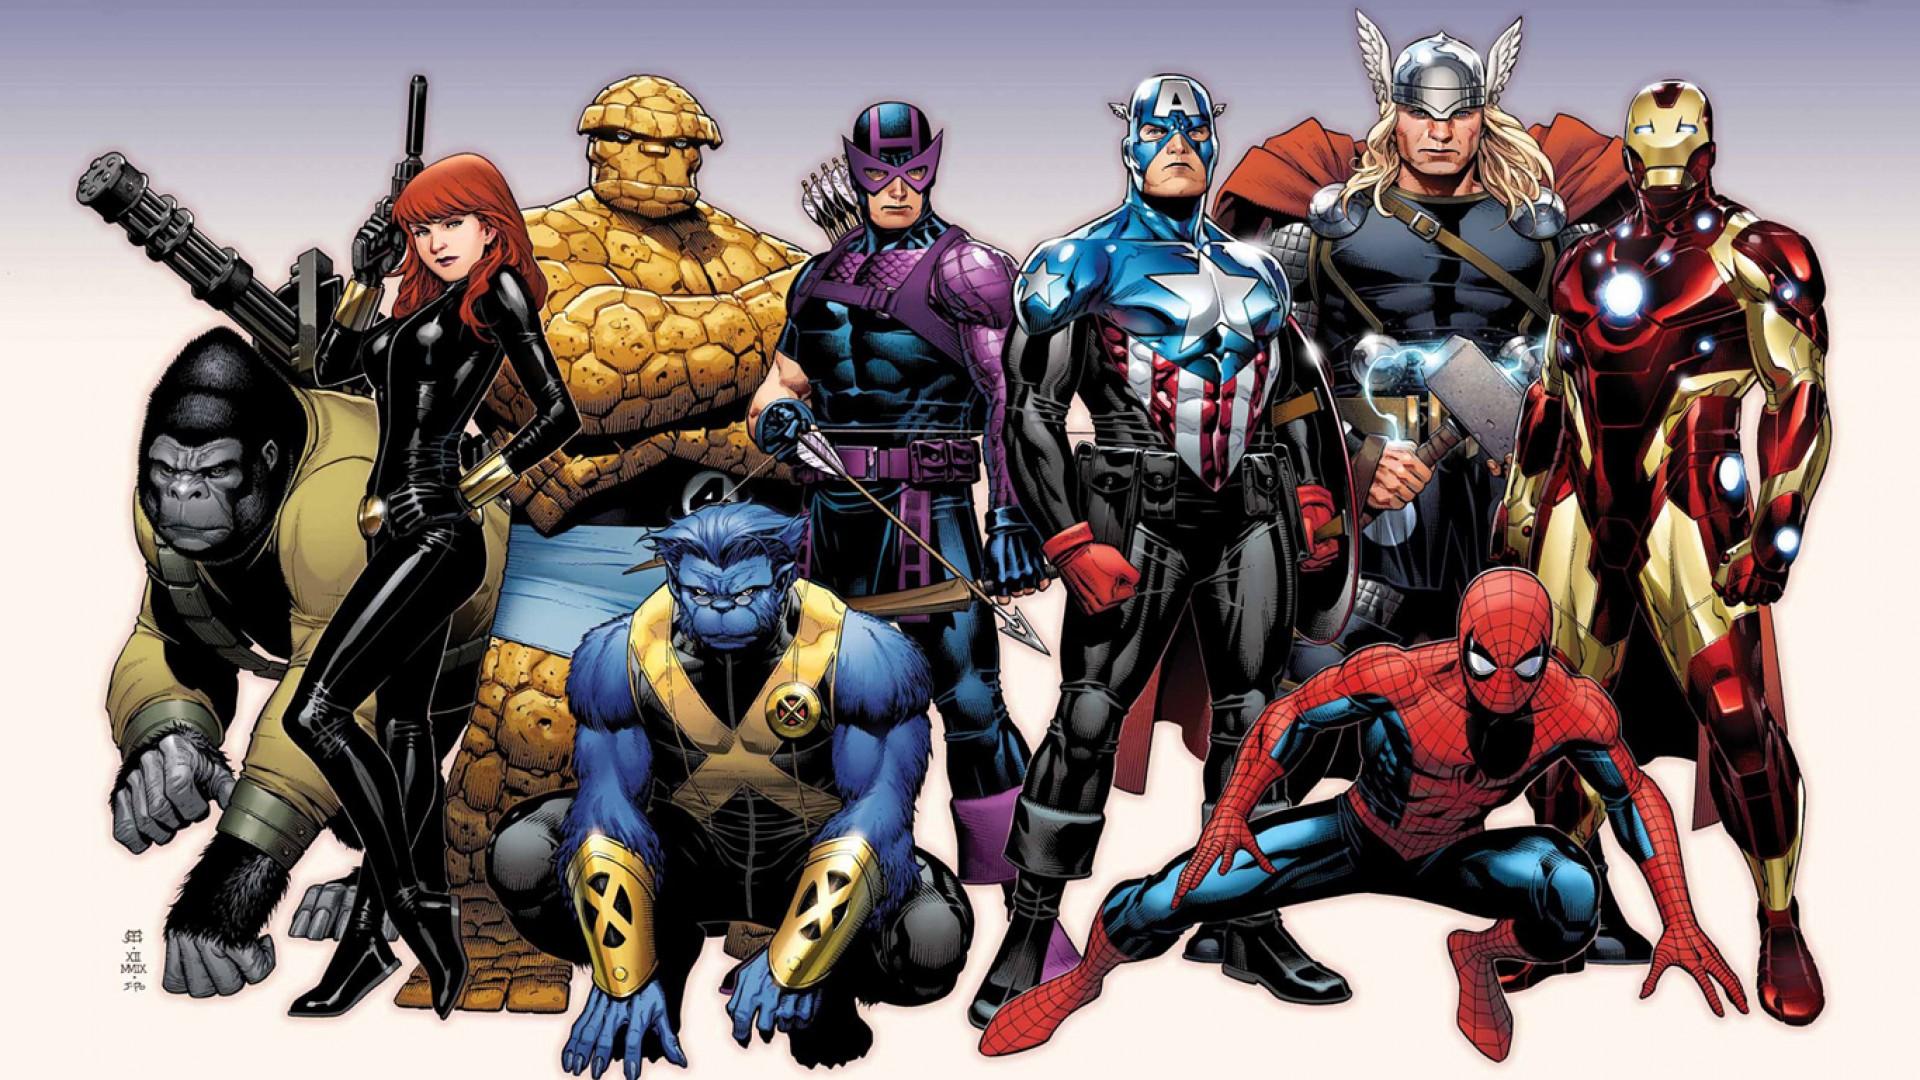 Marvel Wallpaper 1920x1080 4586